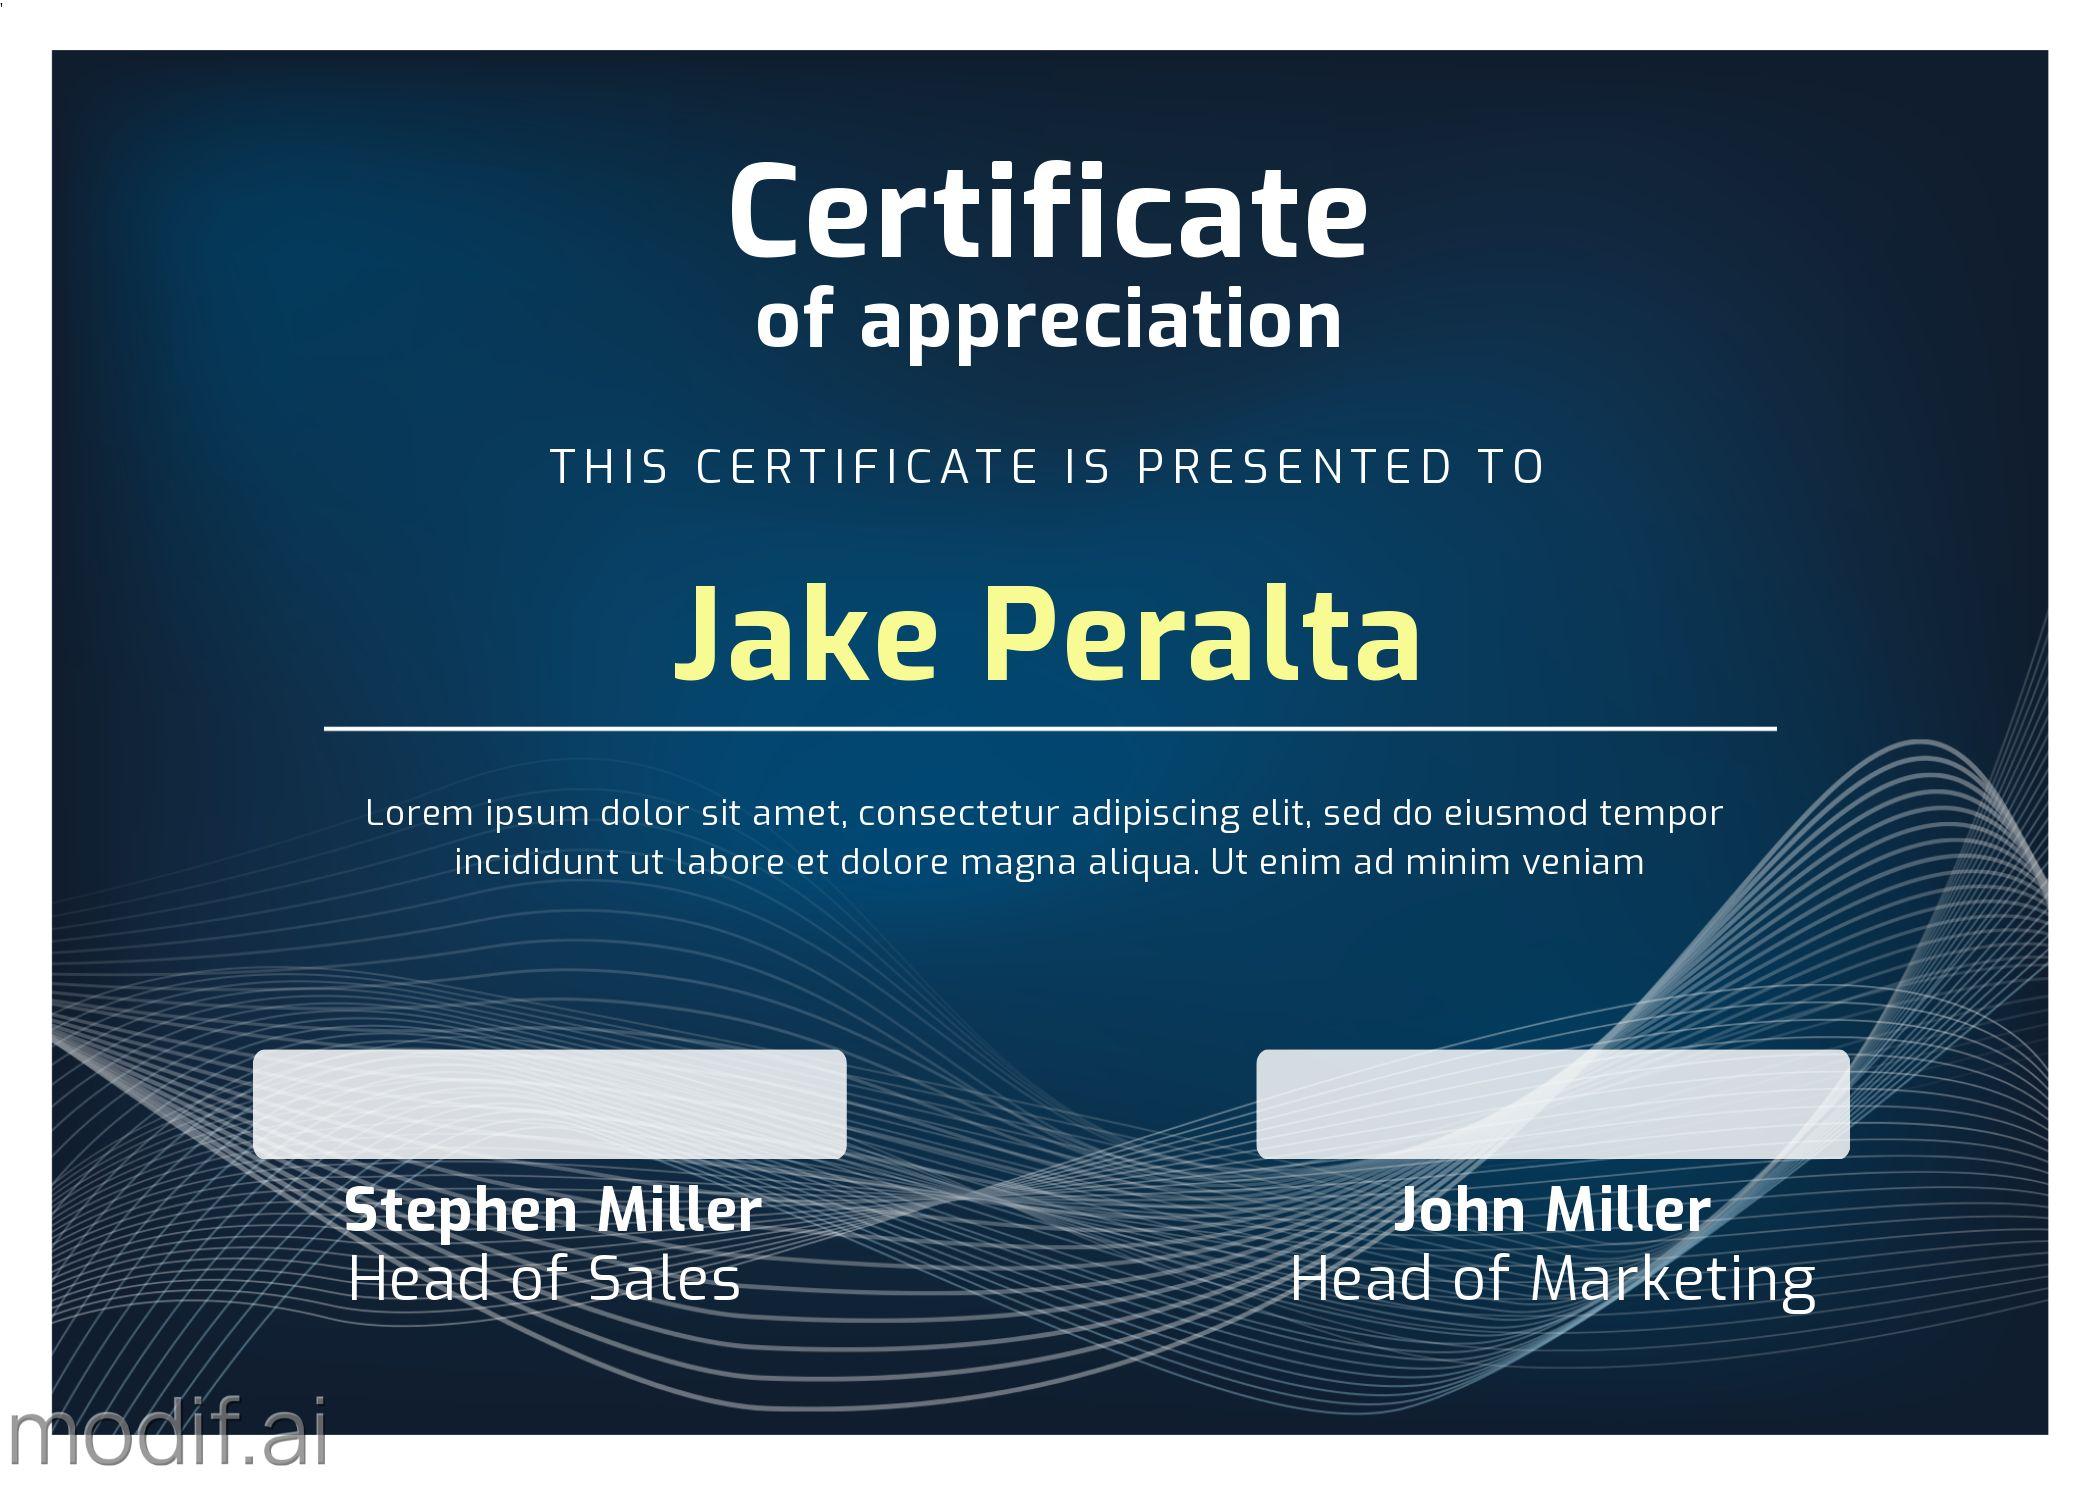 Corporate Certificate of Appreciation Template